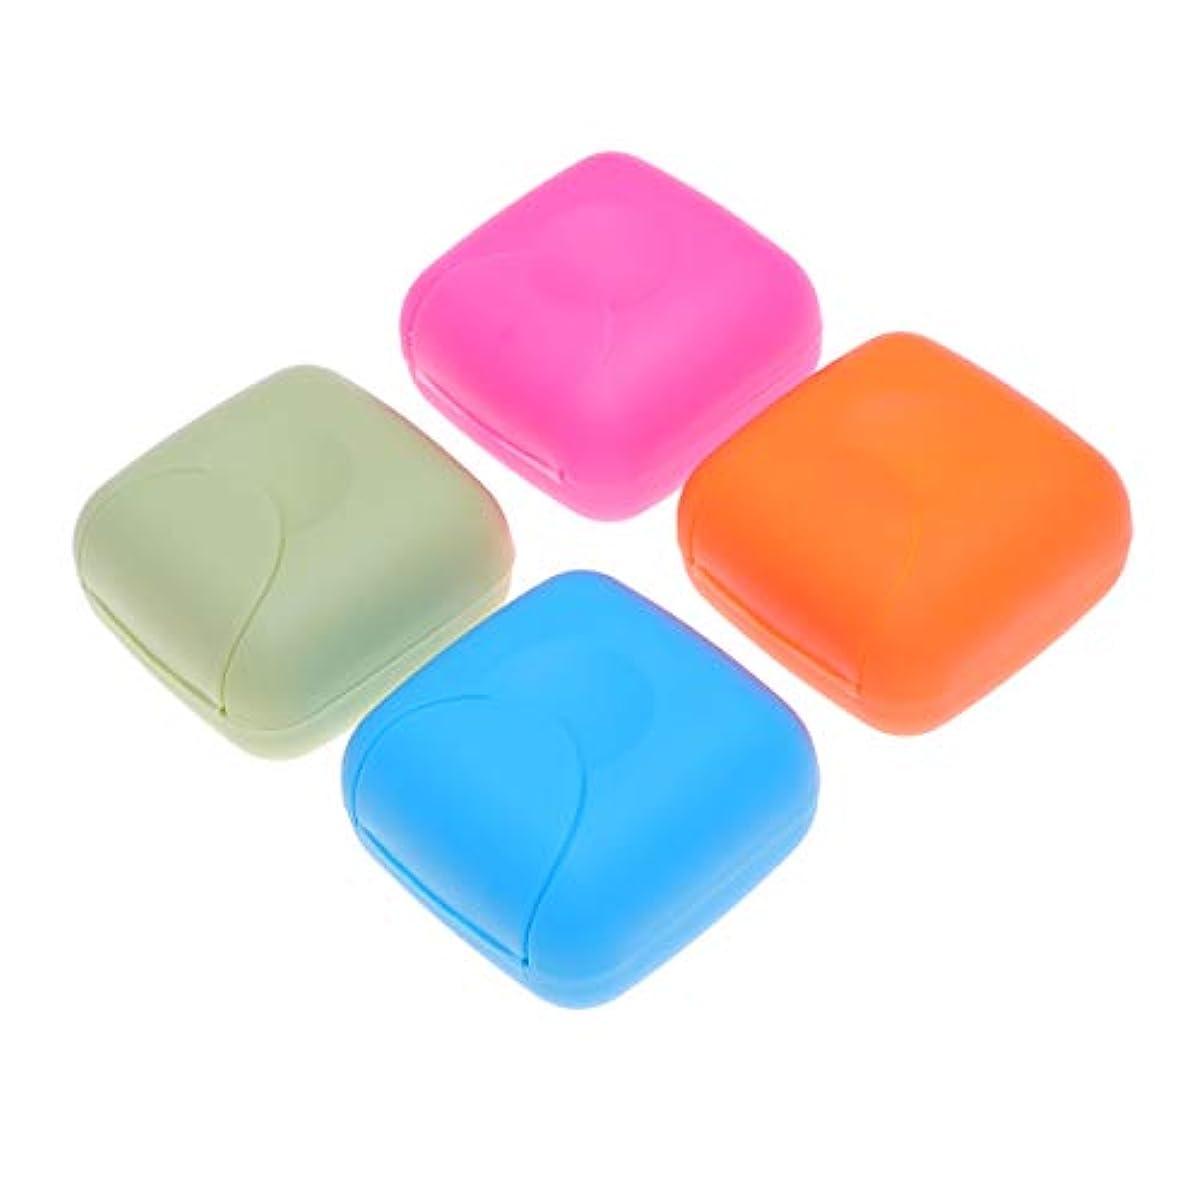 魔術勢い達成Healifty ソープボックスポータブルソープディッシュソープケース4本(ブルー、ロージー、オレンジ、ピンク)